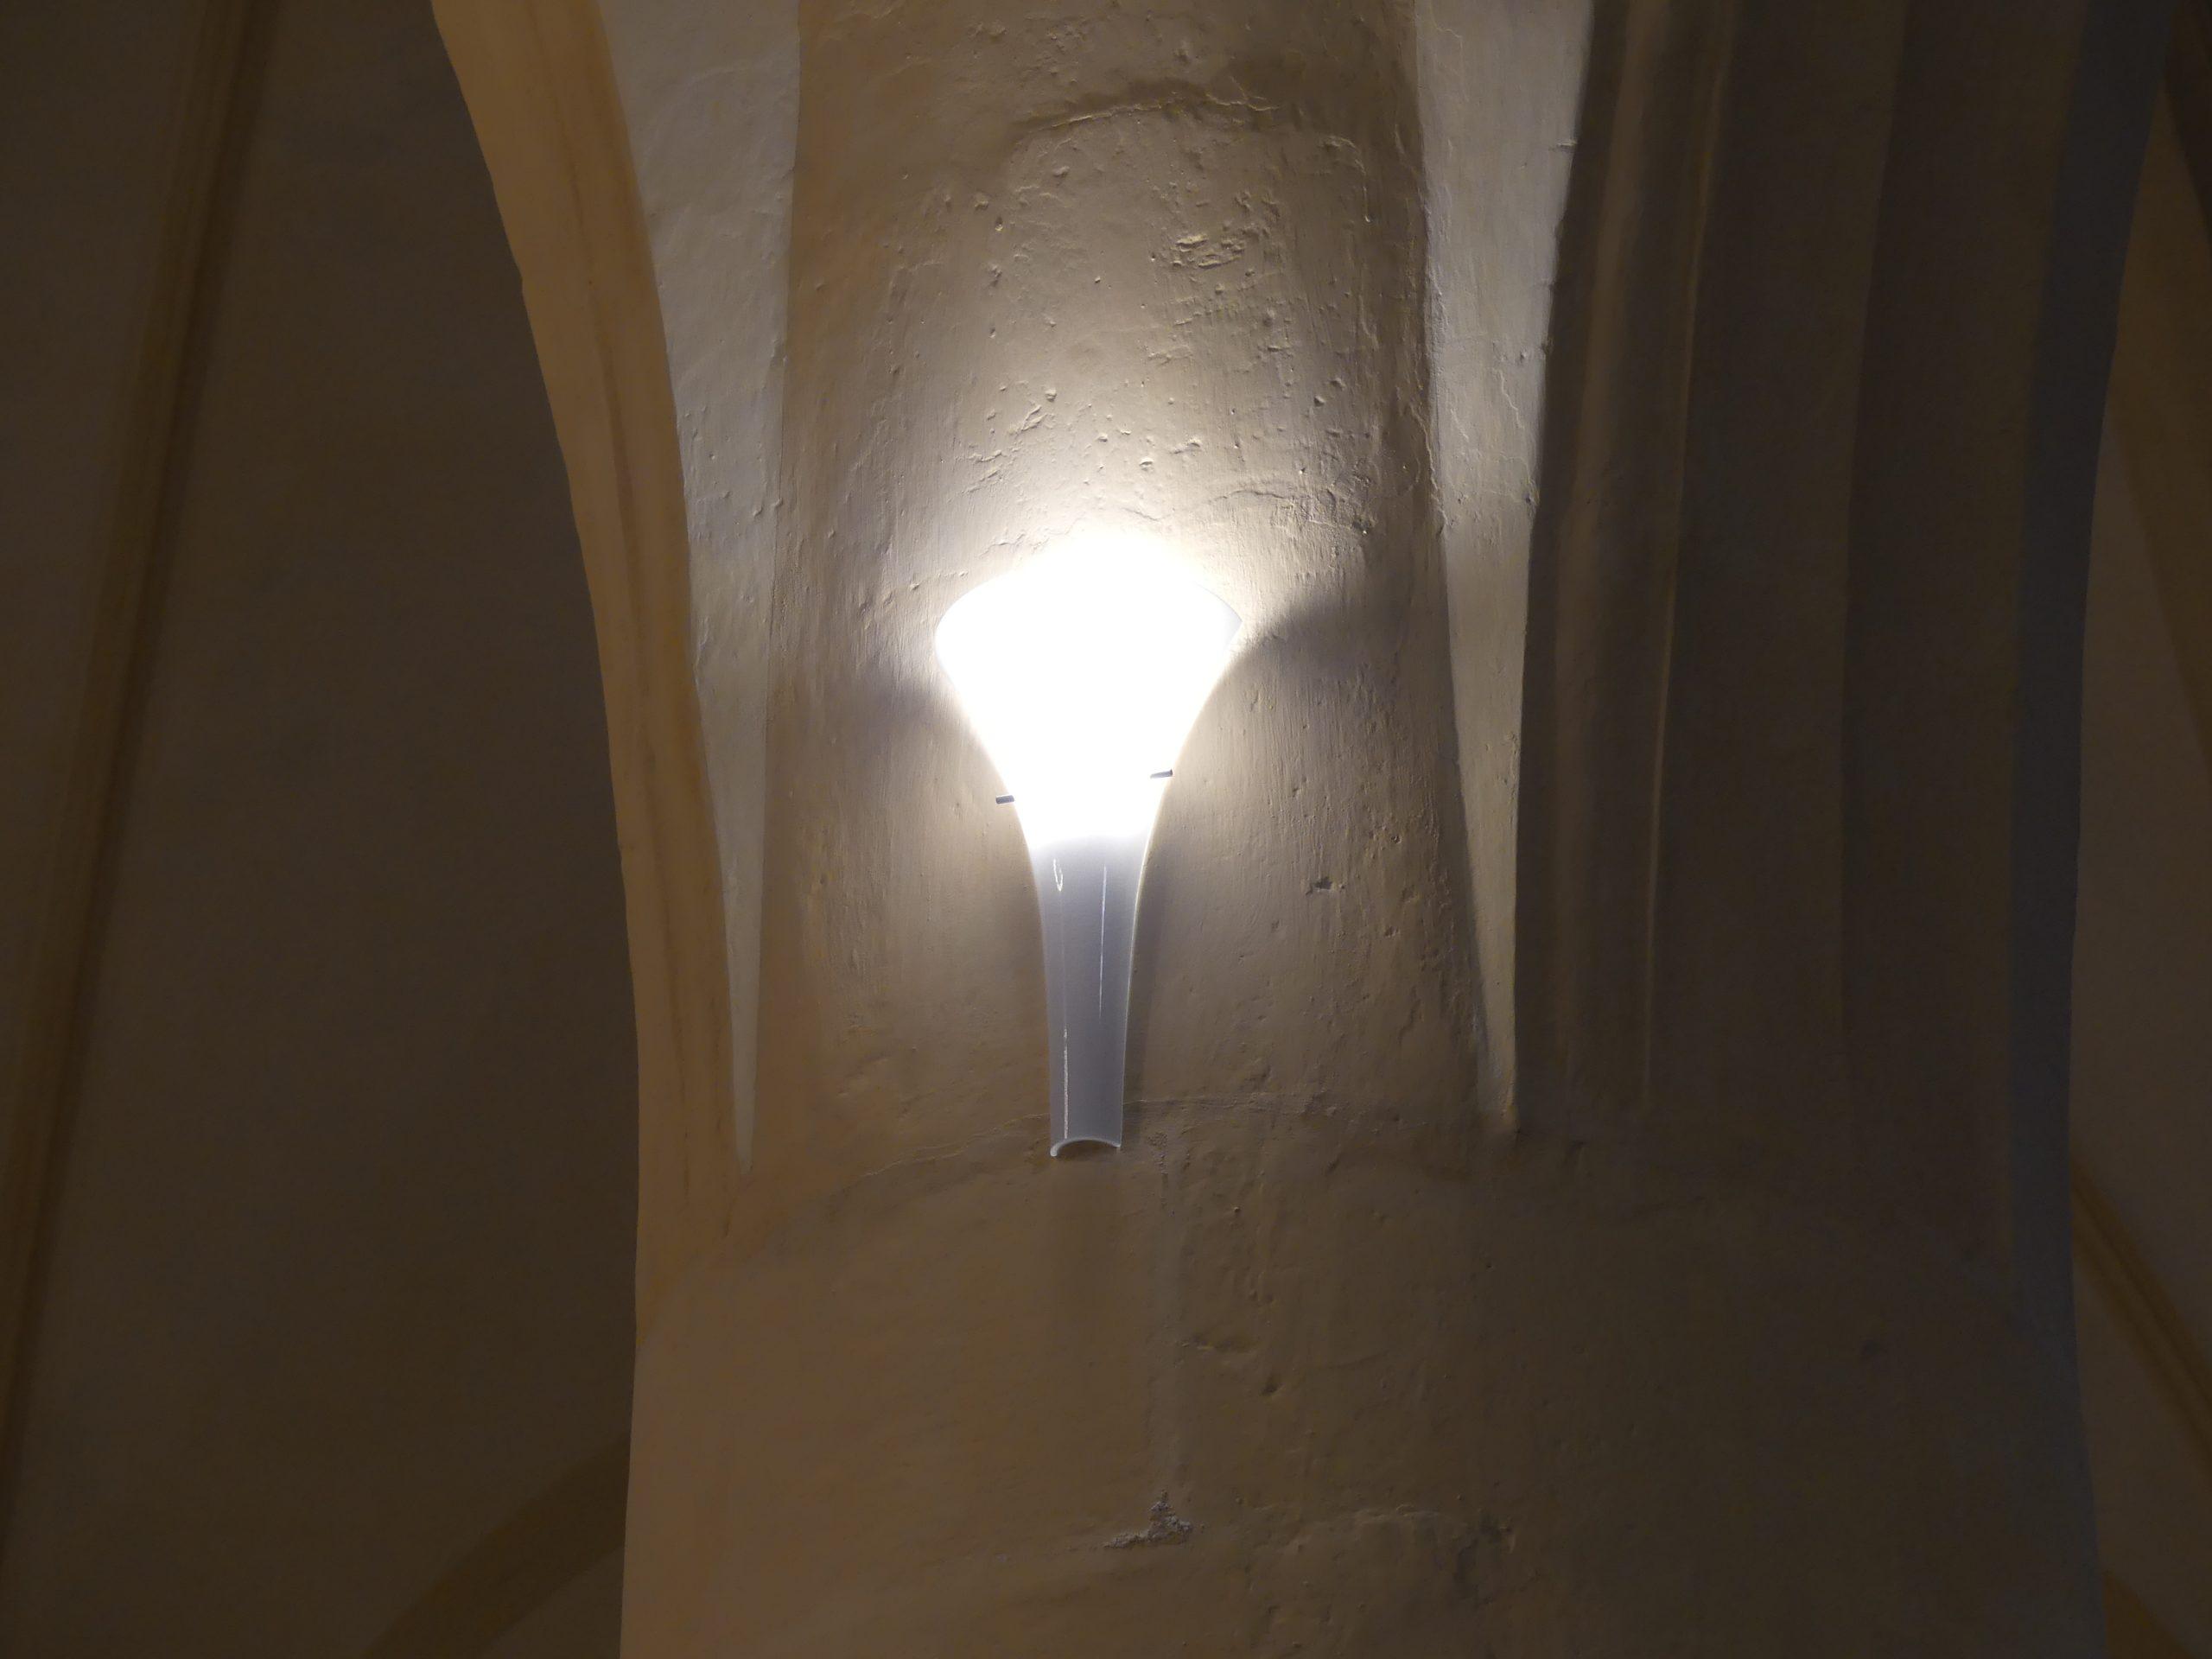 Ars - Eglise - Eclairage - 3 février 2020